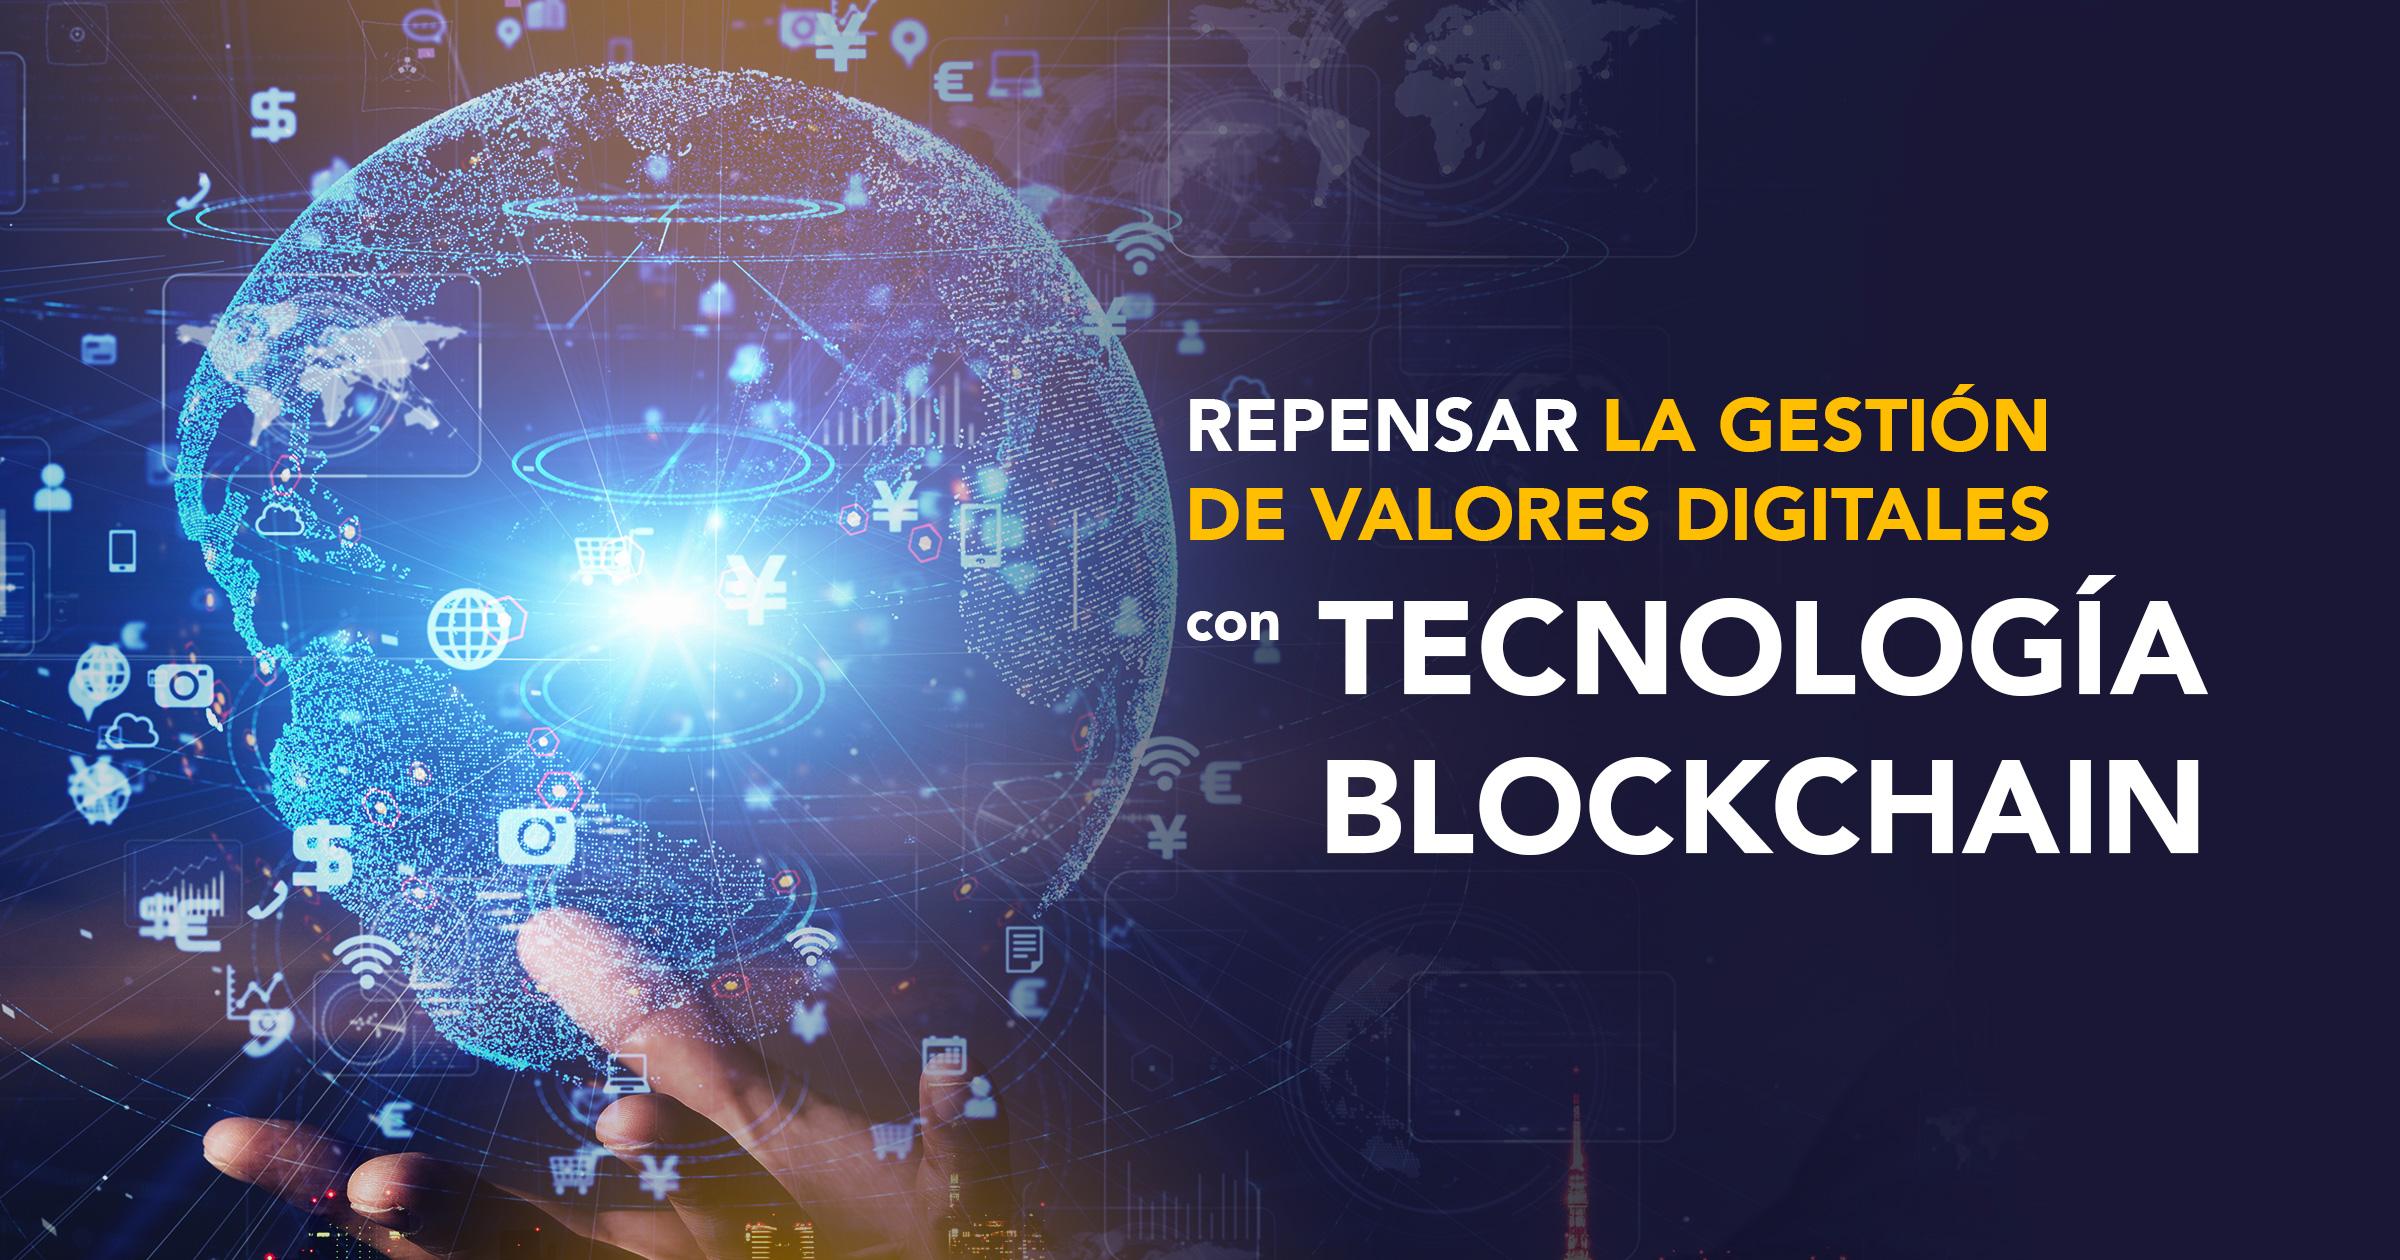 Repensar la gestión de valores digitales con tecnología Blockchain